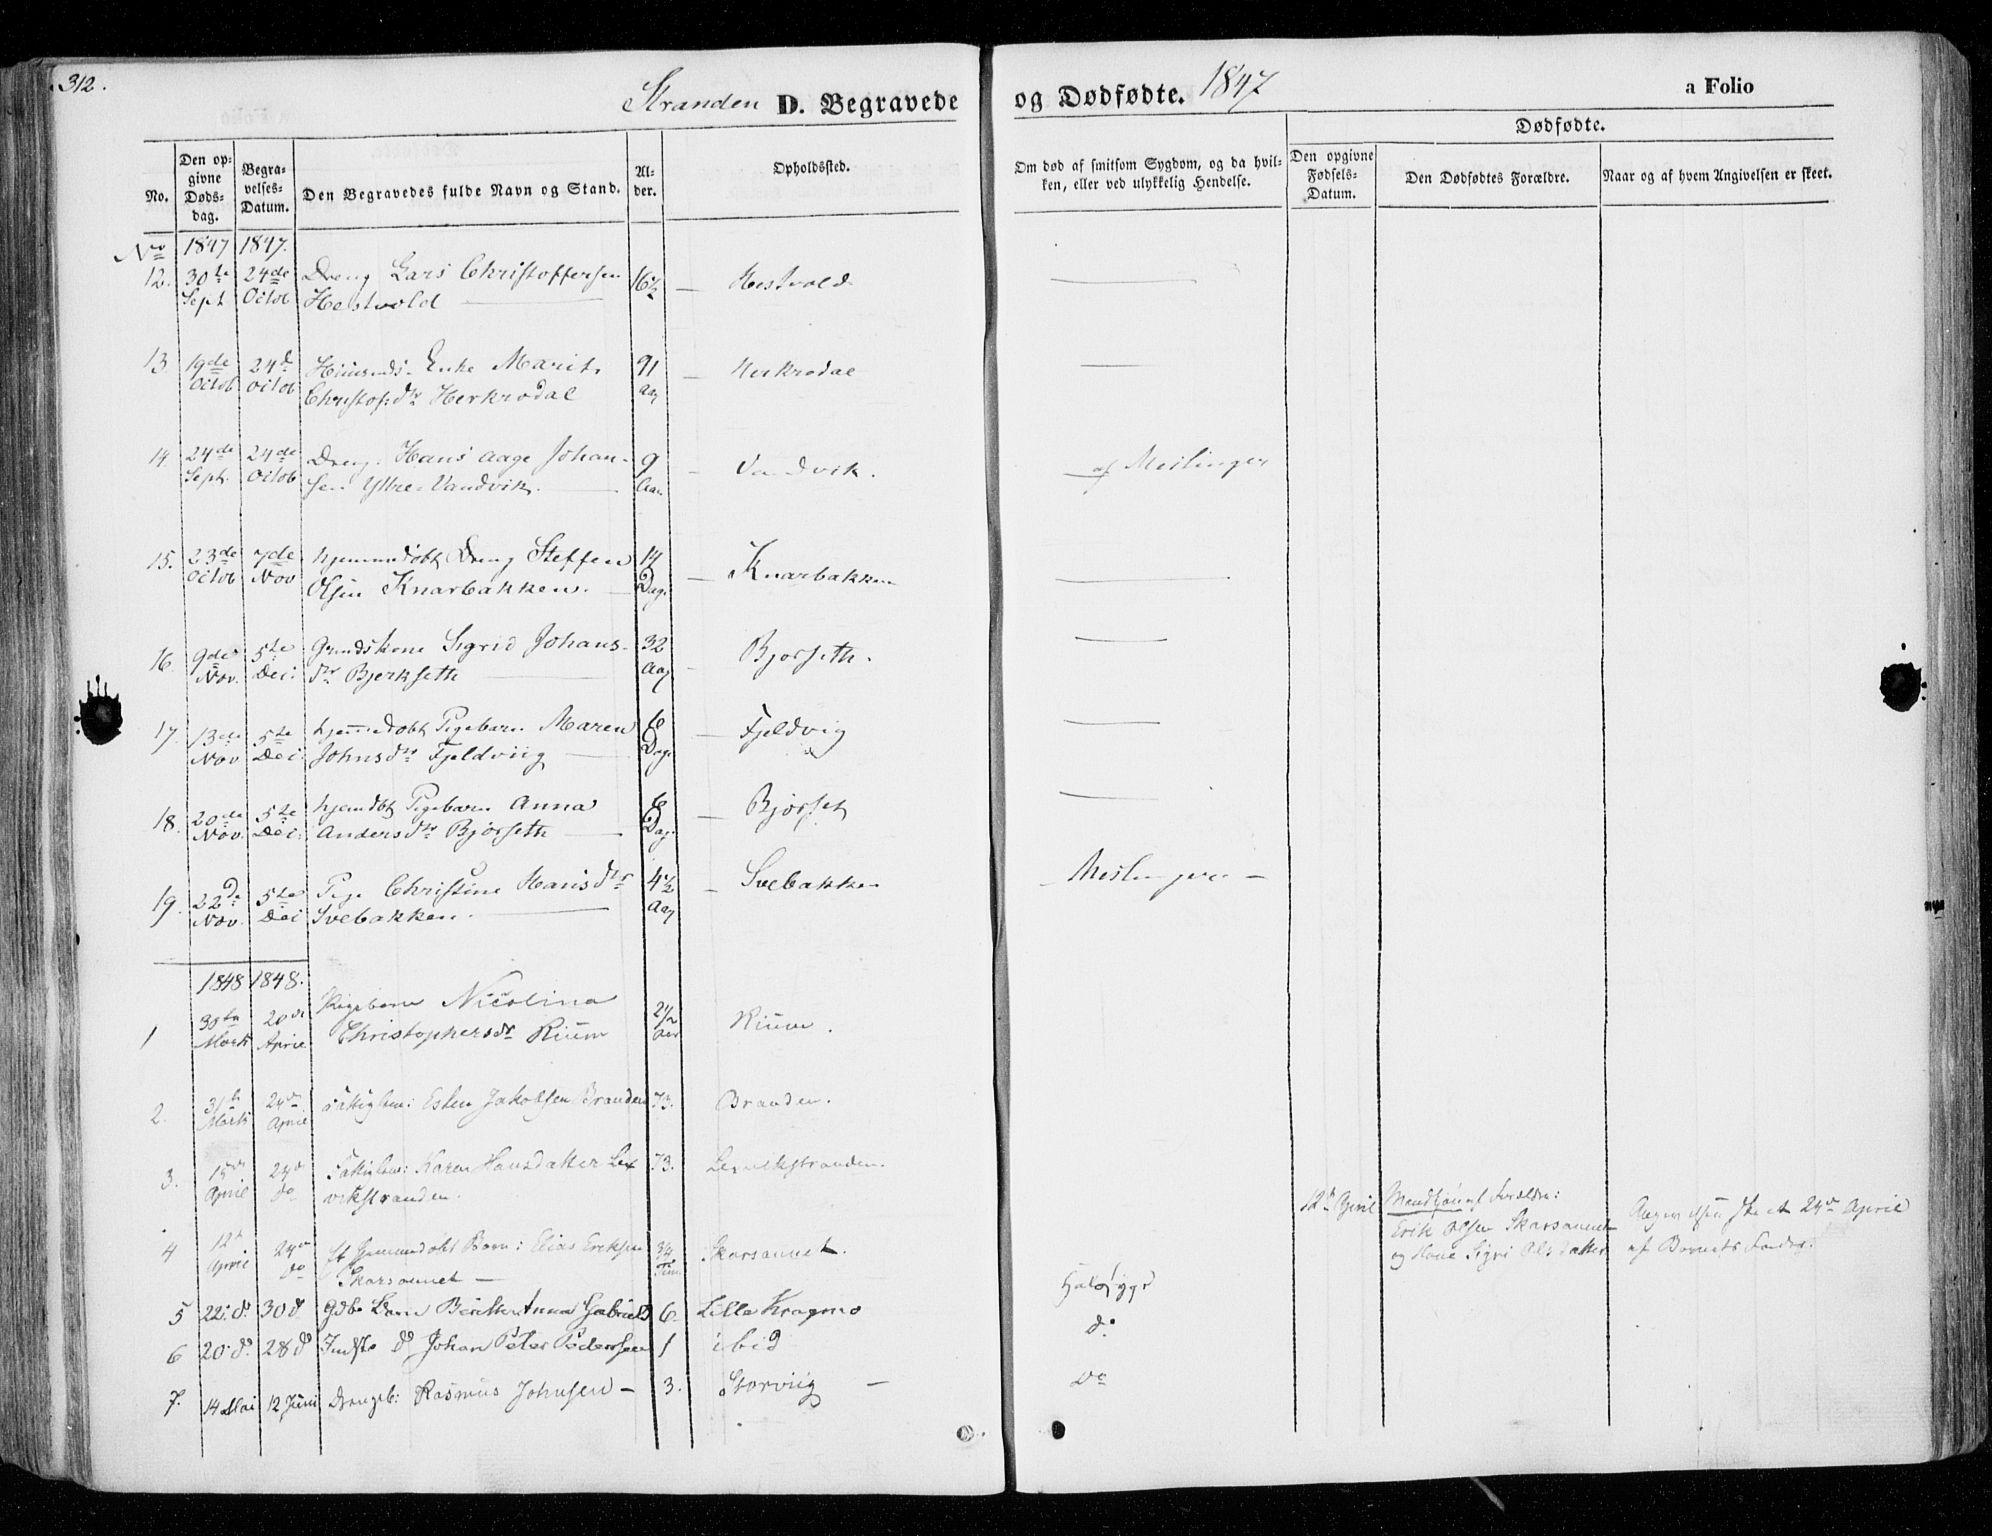 SAT, Ministerialprotokoller, klokkerbøker og fødselsregistre - Nord-Trøndelag, 701/L0007: Ministerialbok nr. 701A07 /2, 1842-1854, s. 312